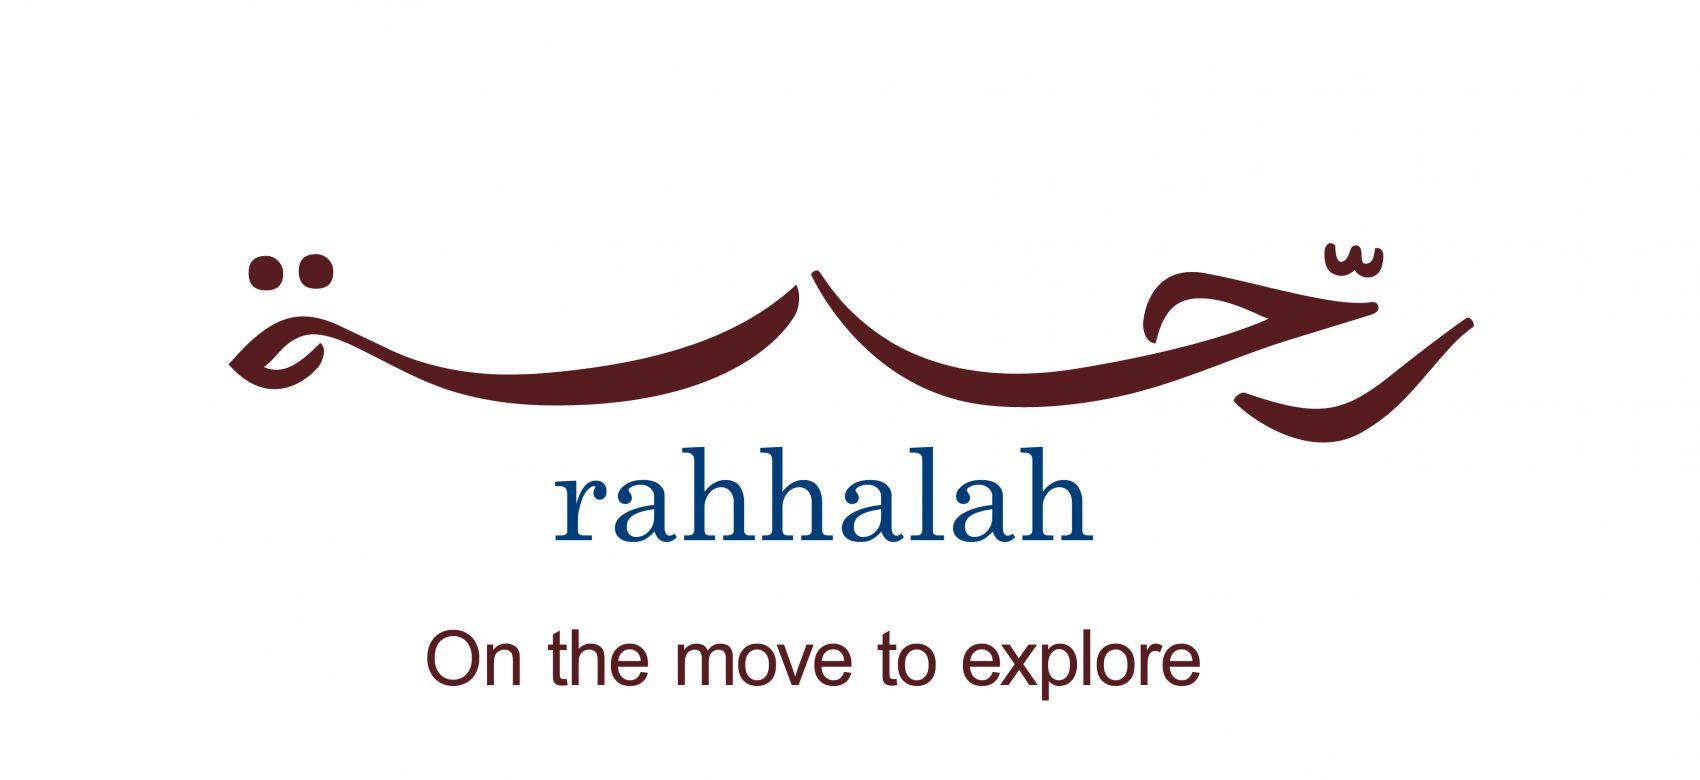 Rahhalah